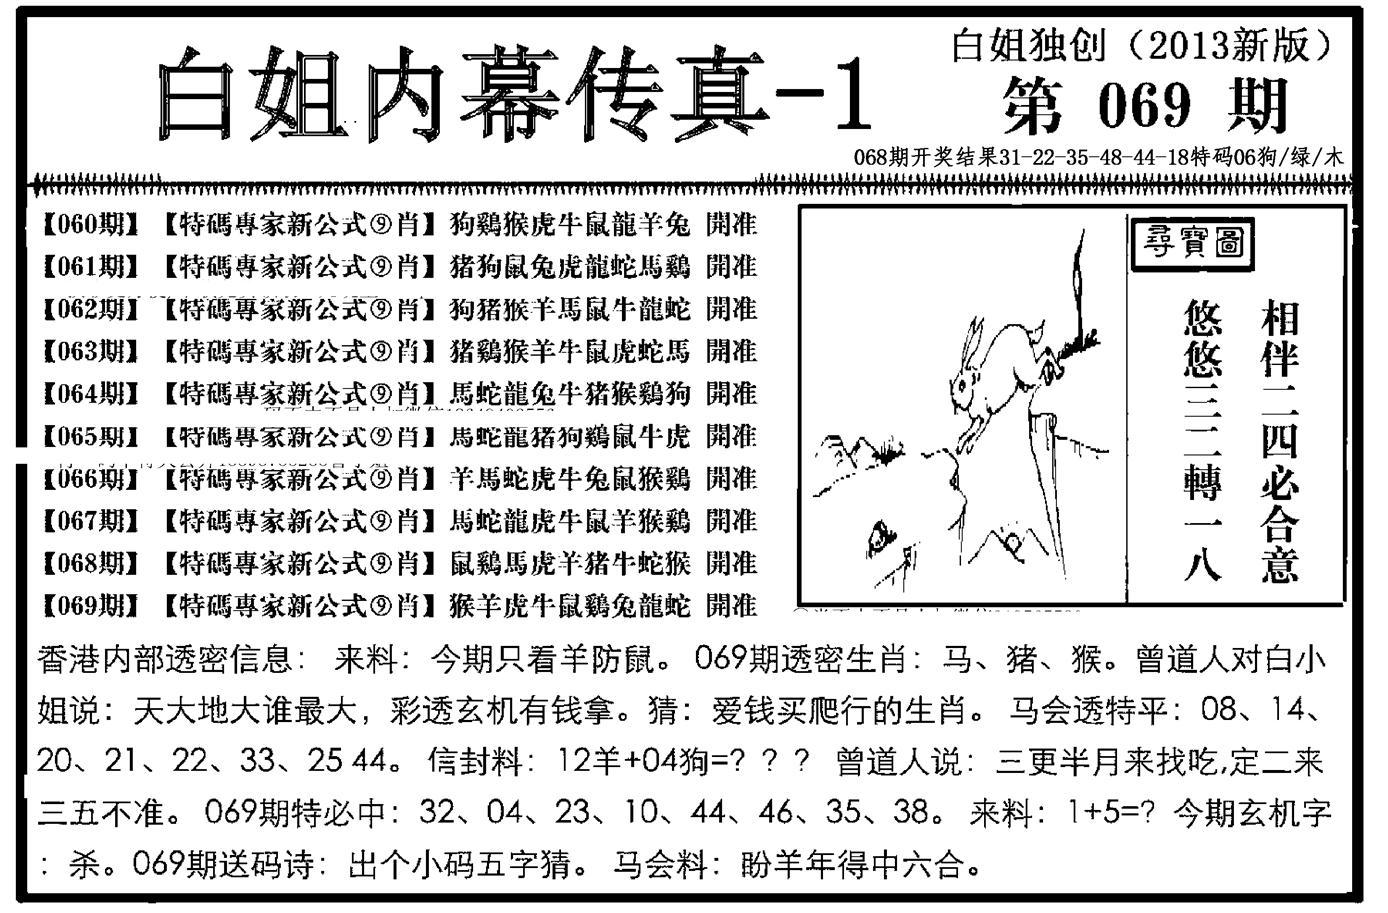 069期白姐内幕传真-1(黑白)